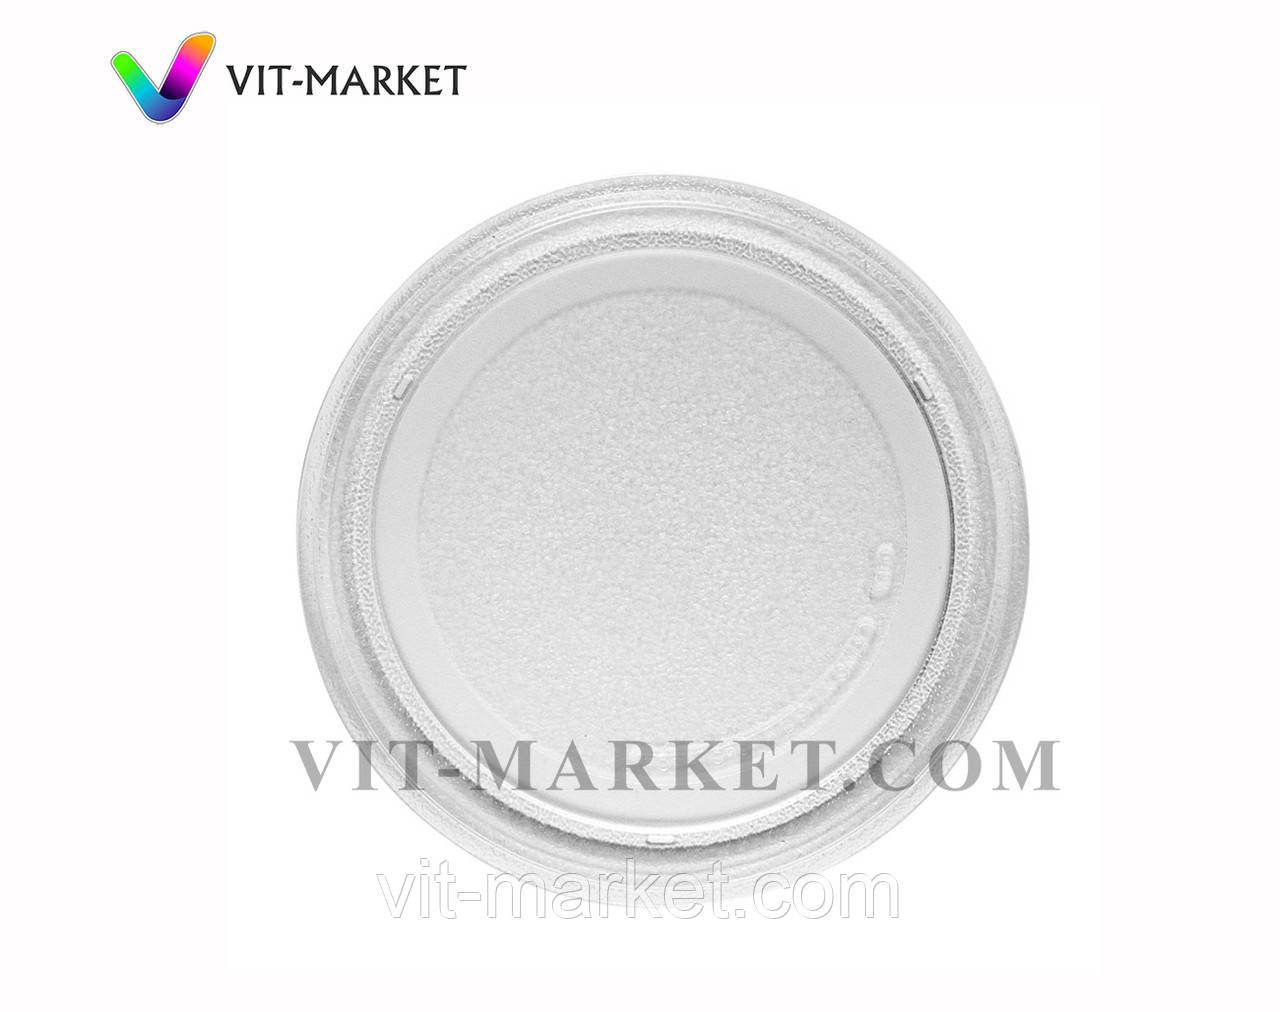 Стеклянная тарелка (поддон, блюдо) для микроволновки LG диаметр 245 мм код 3390W1G005A